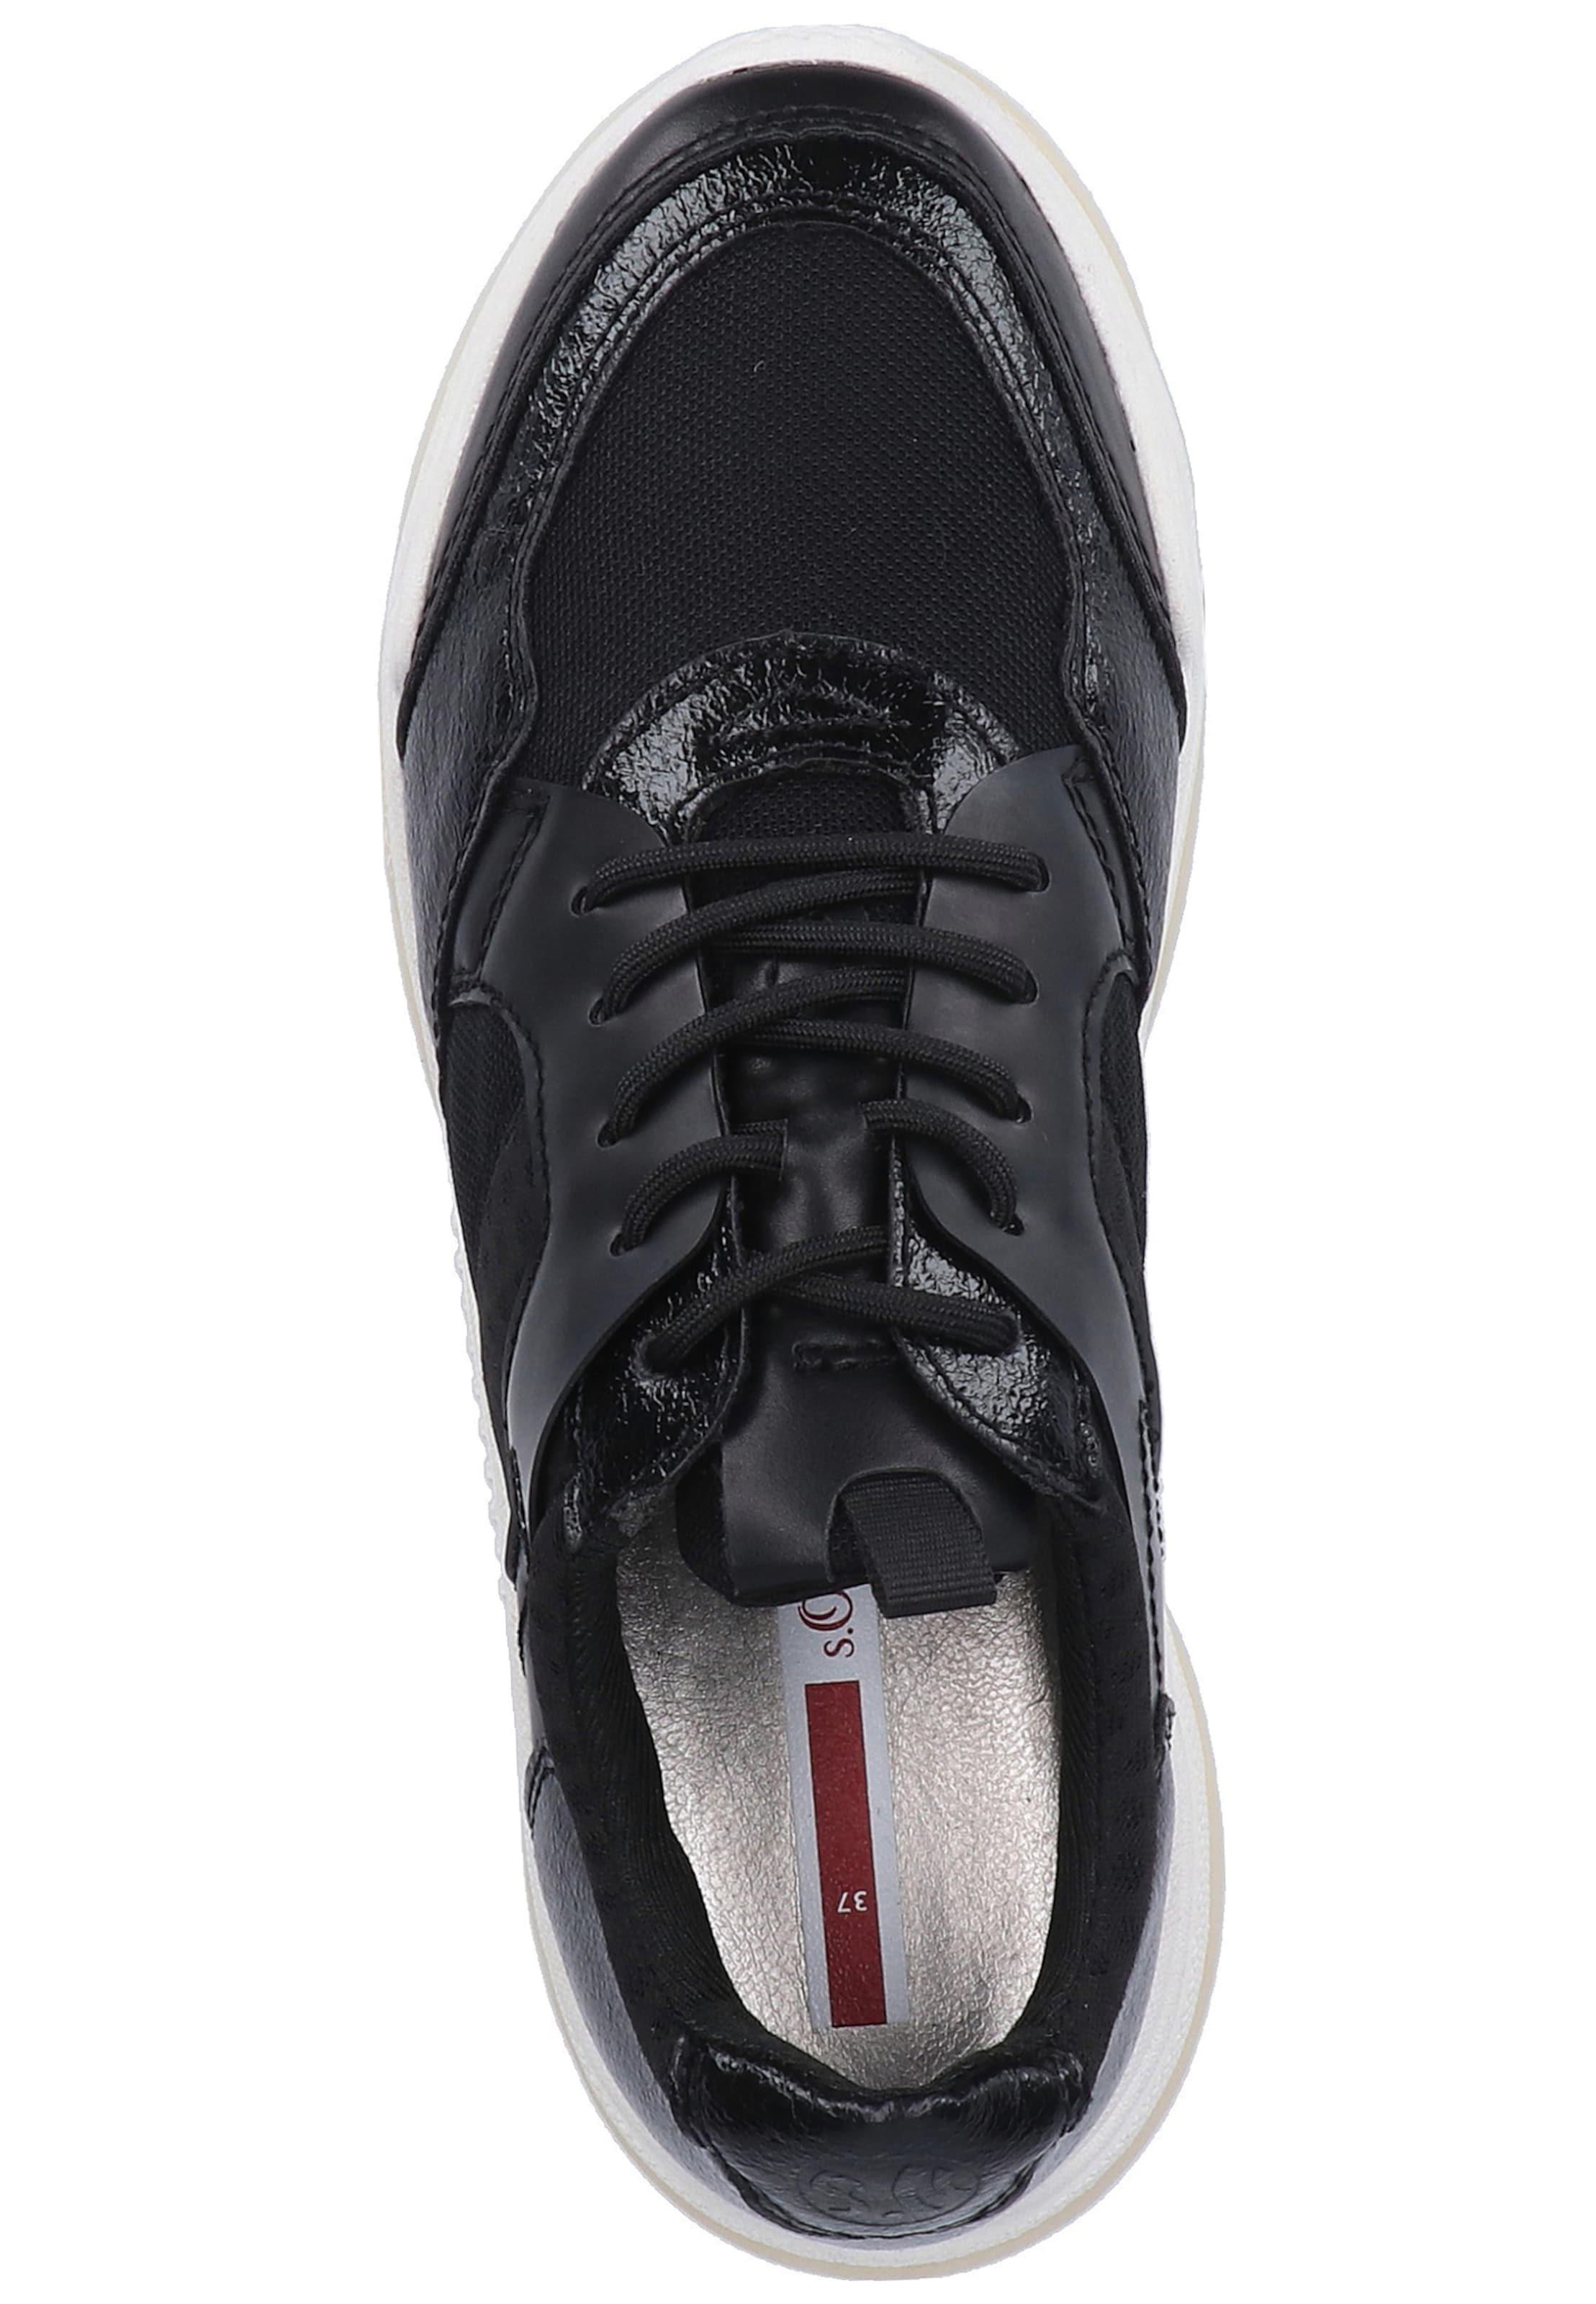 Noir Basses oliver S Label Baskets Red En yNnv80OmwP